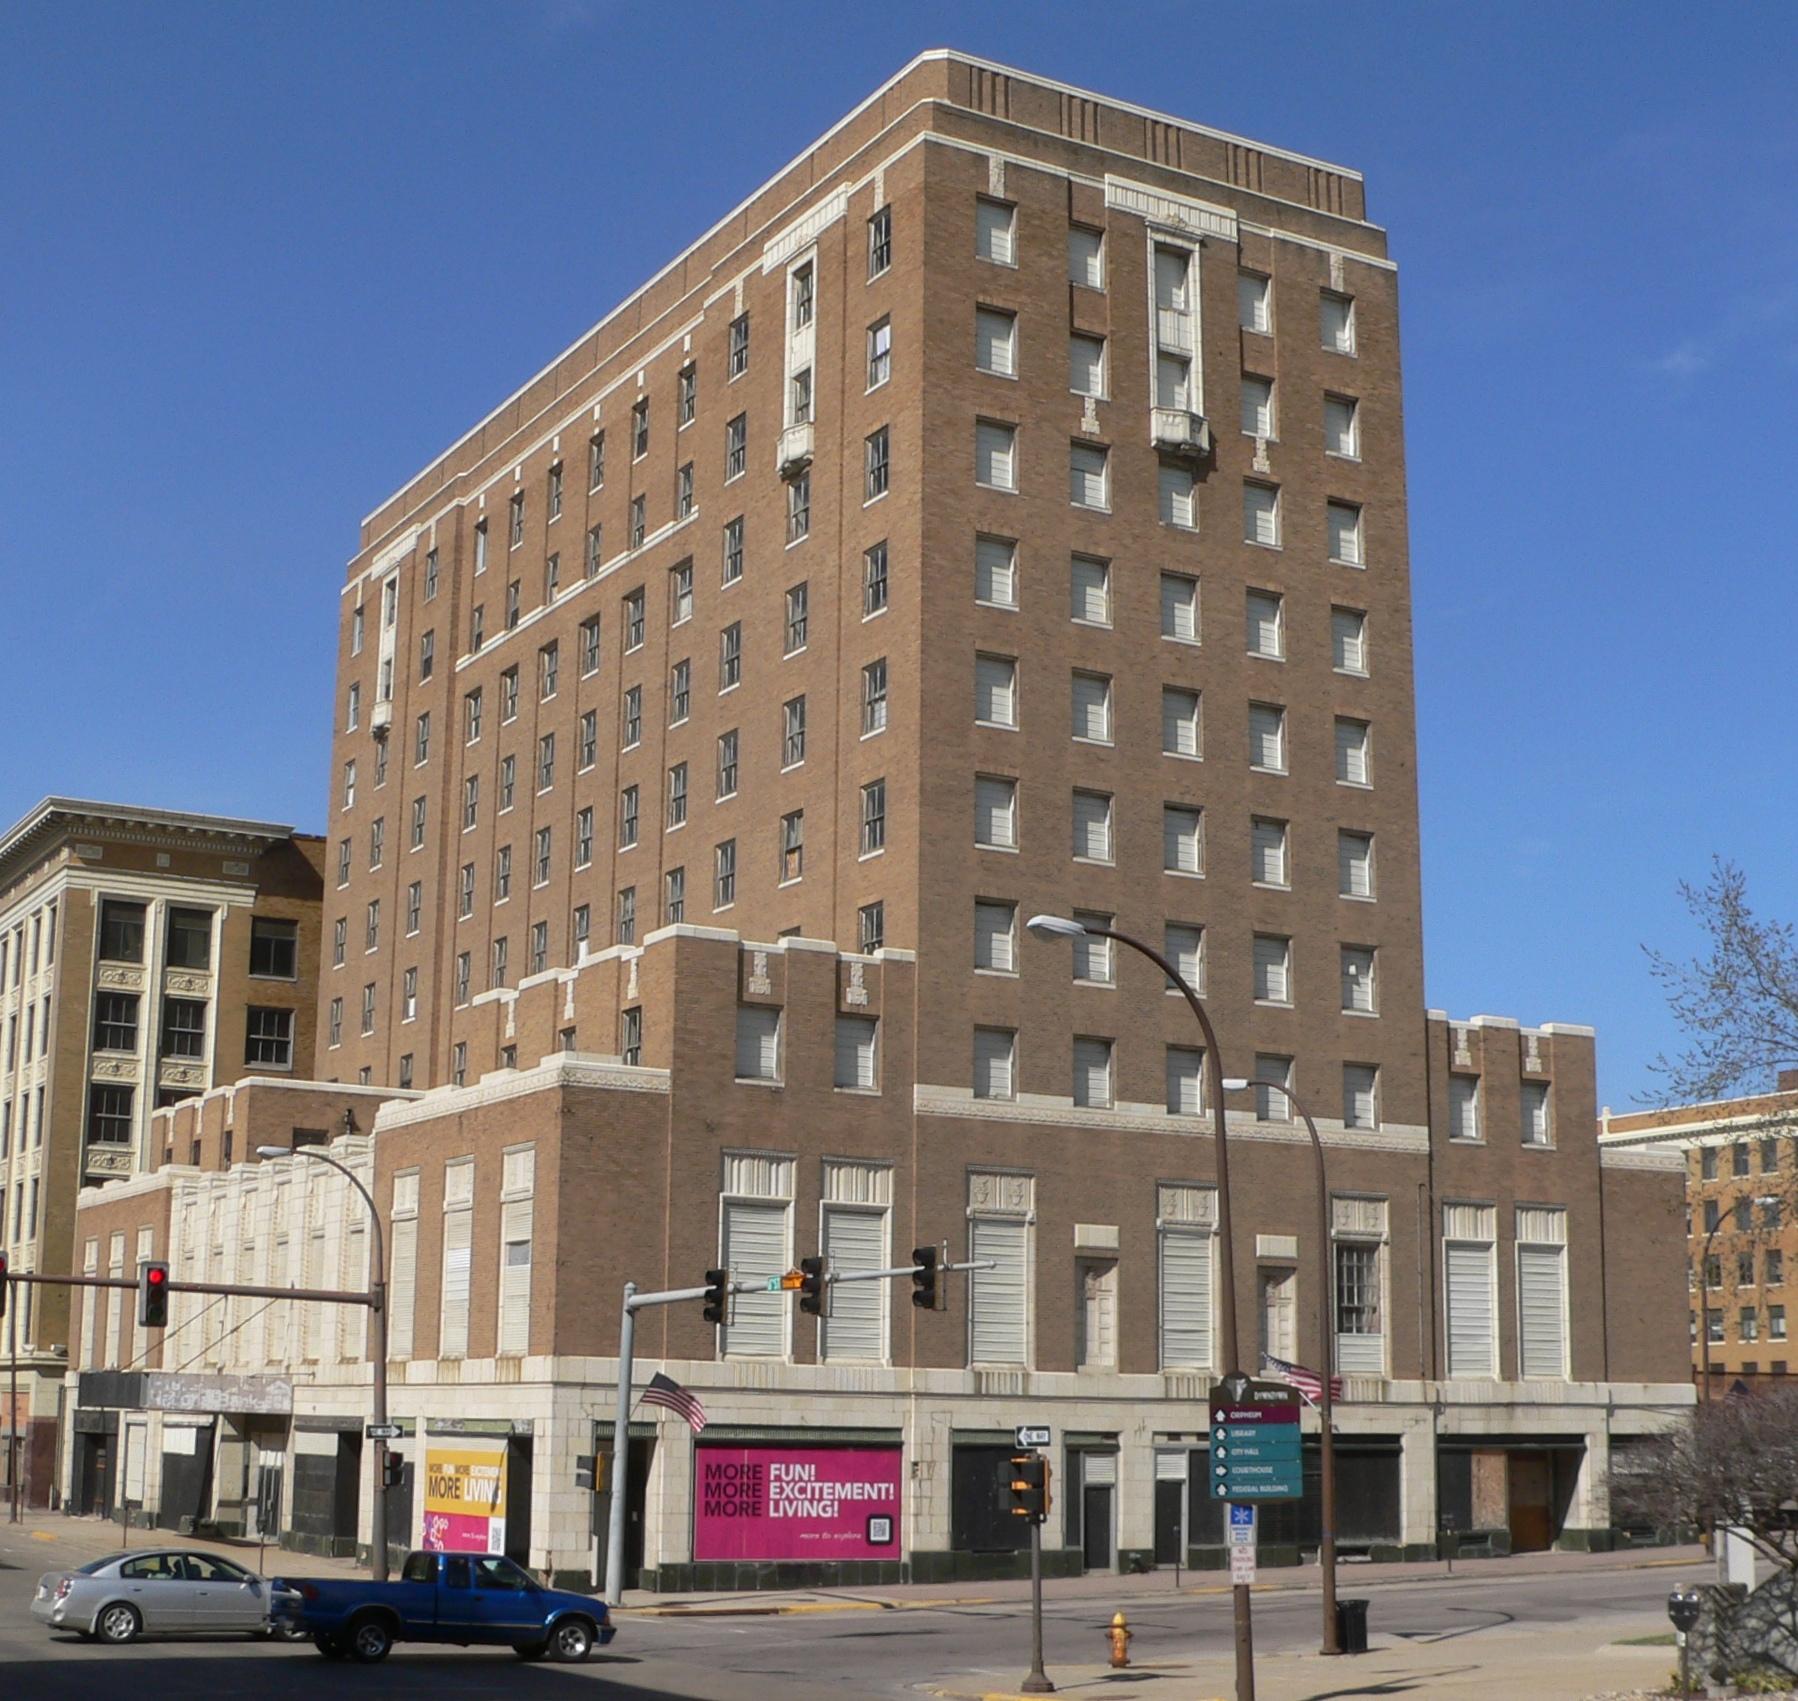 Warrior Hotel, photo taken in 2012.